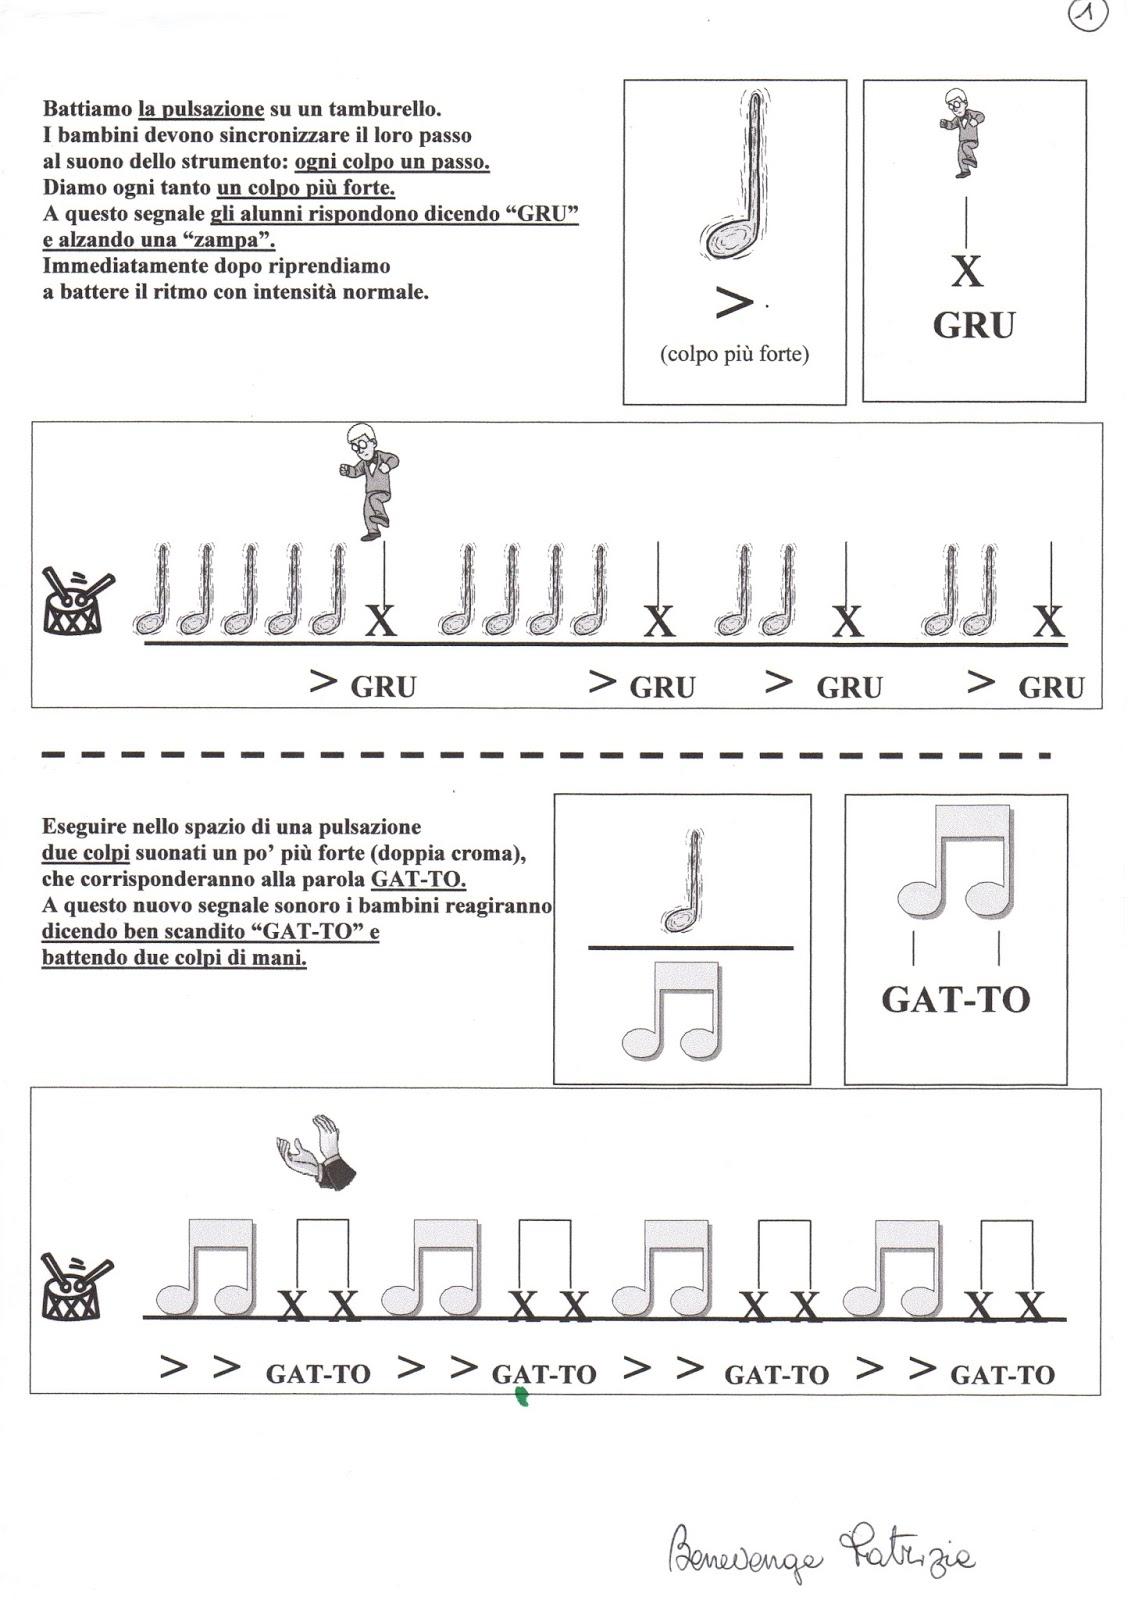 Favorito Guamodì Scuola: Gru, gatti e topi: animali e pulsazioni - Il ritmo  VG34